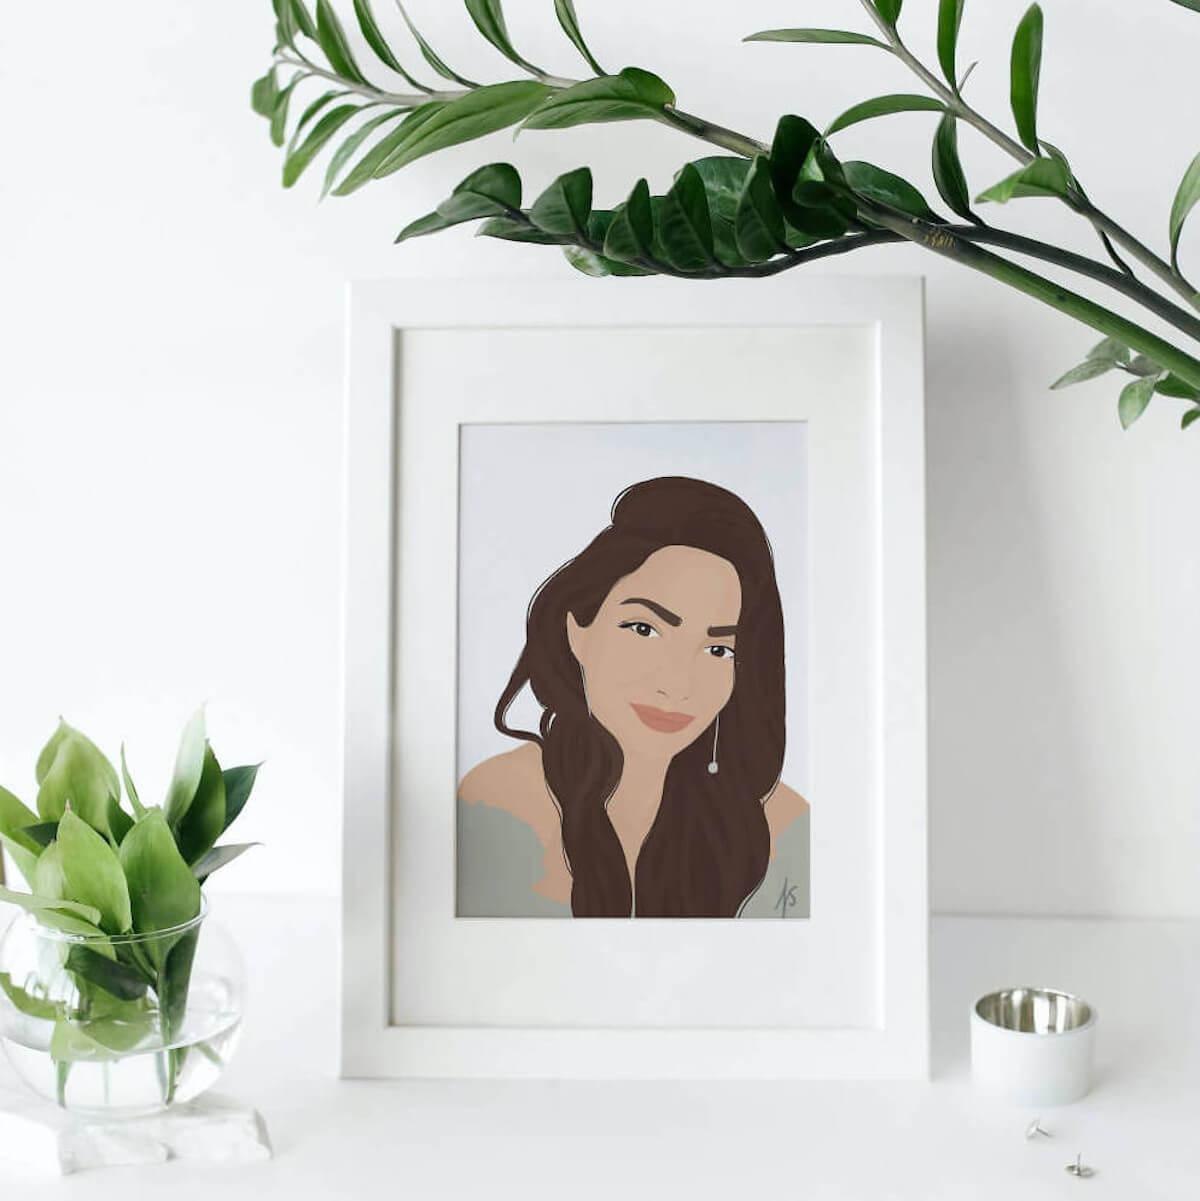 Jennifer Szeli im Porträt an der Wand lehnend